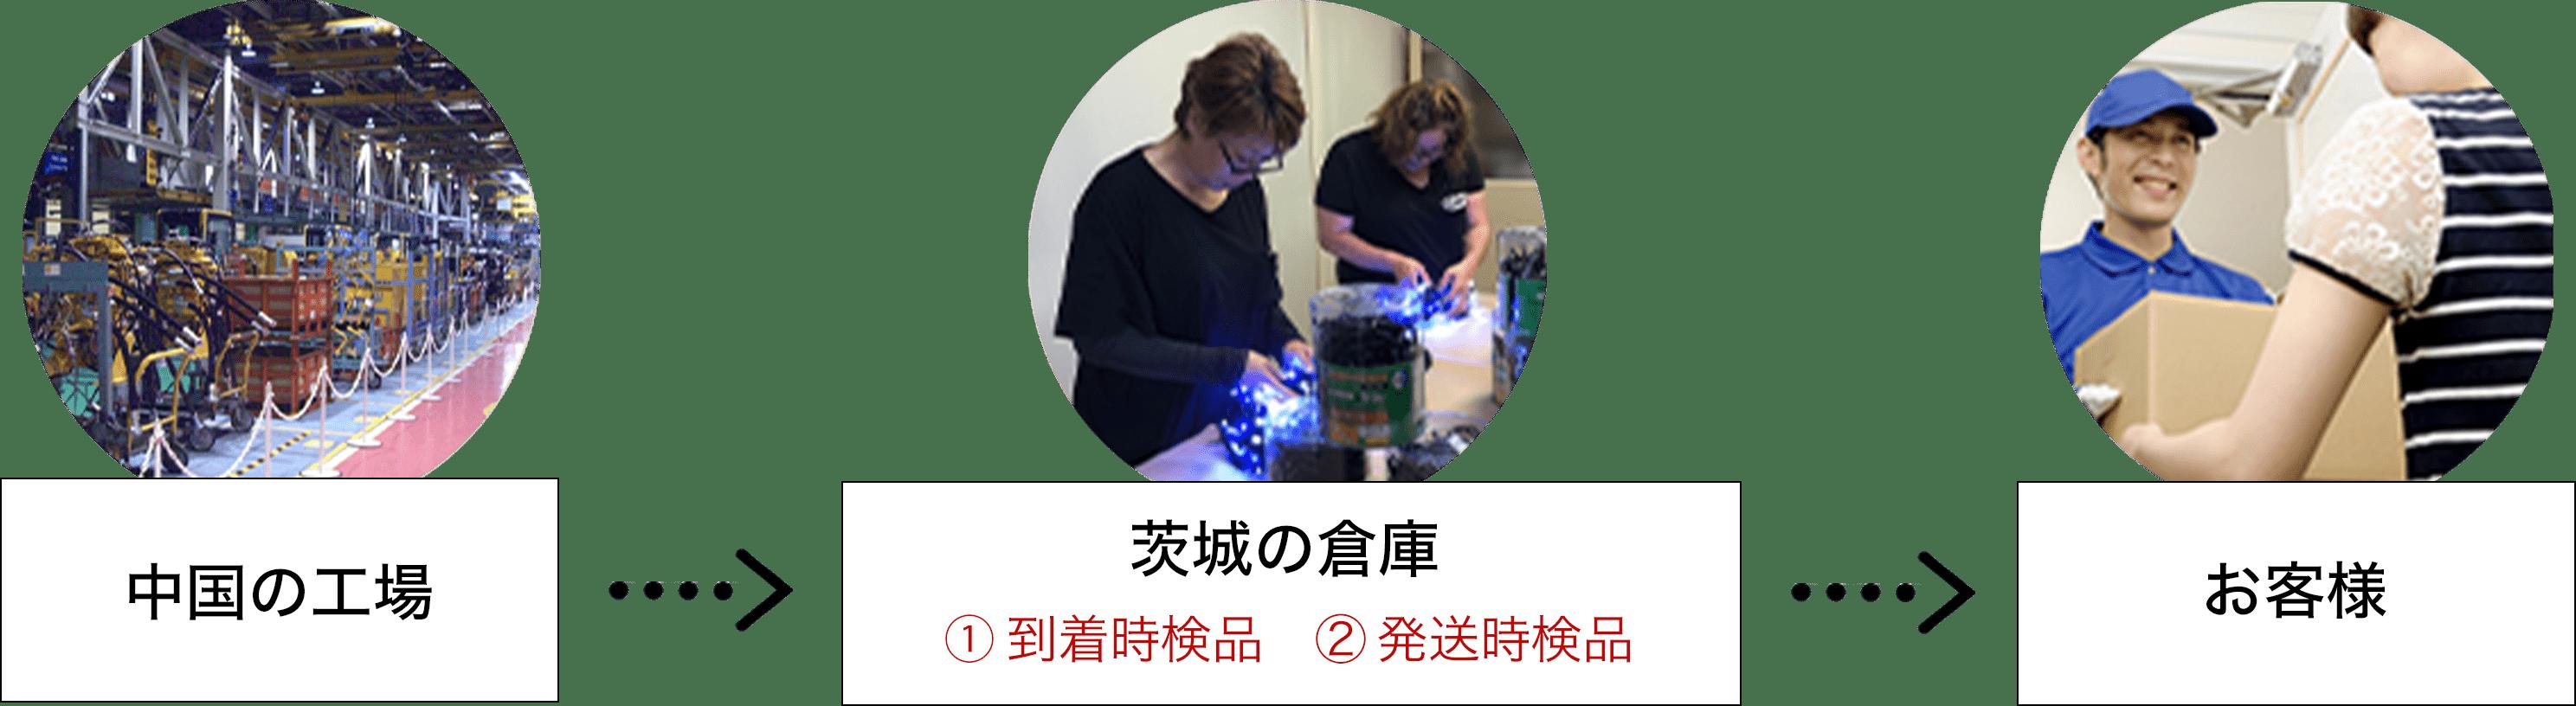 中国の工場→茨城の工場→お客様